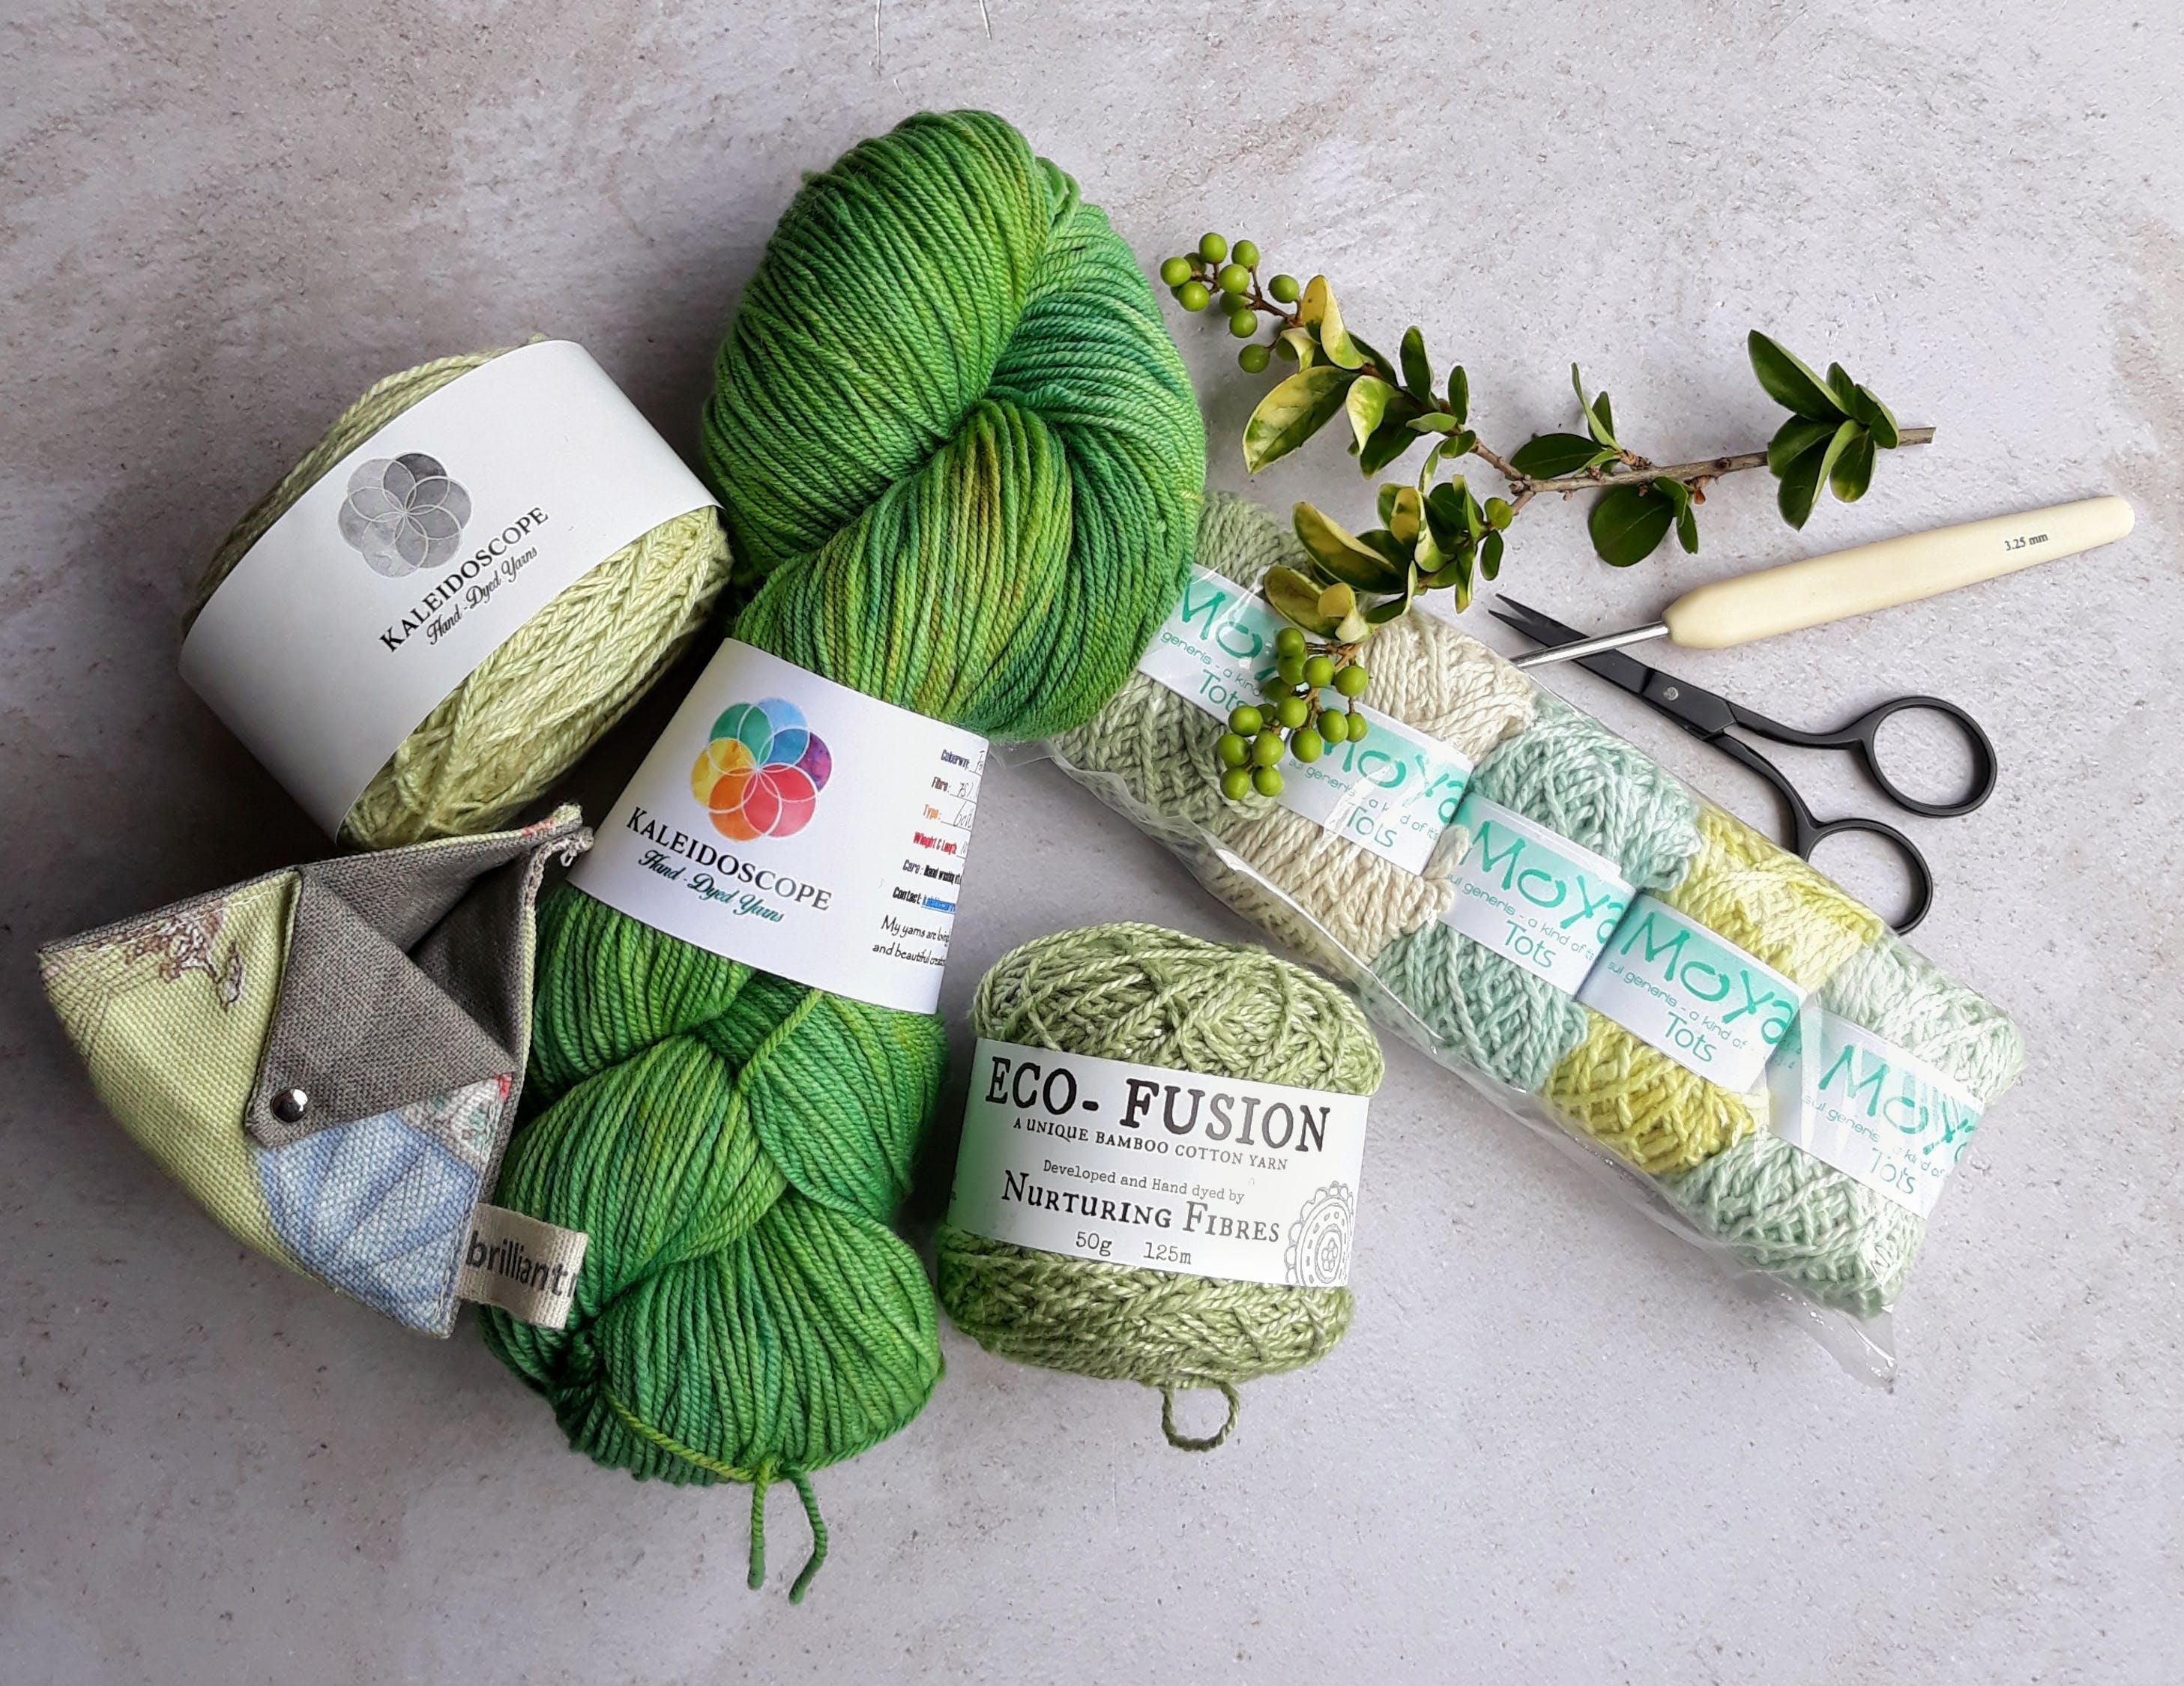 yarn, crochet hook